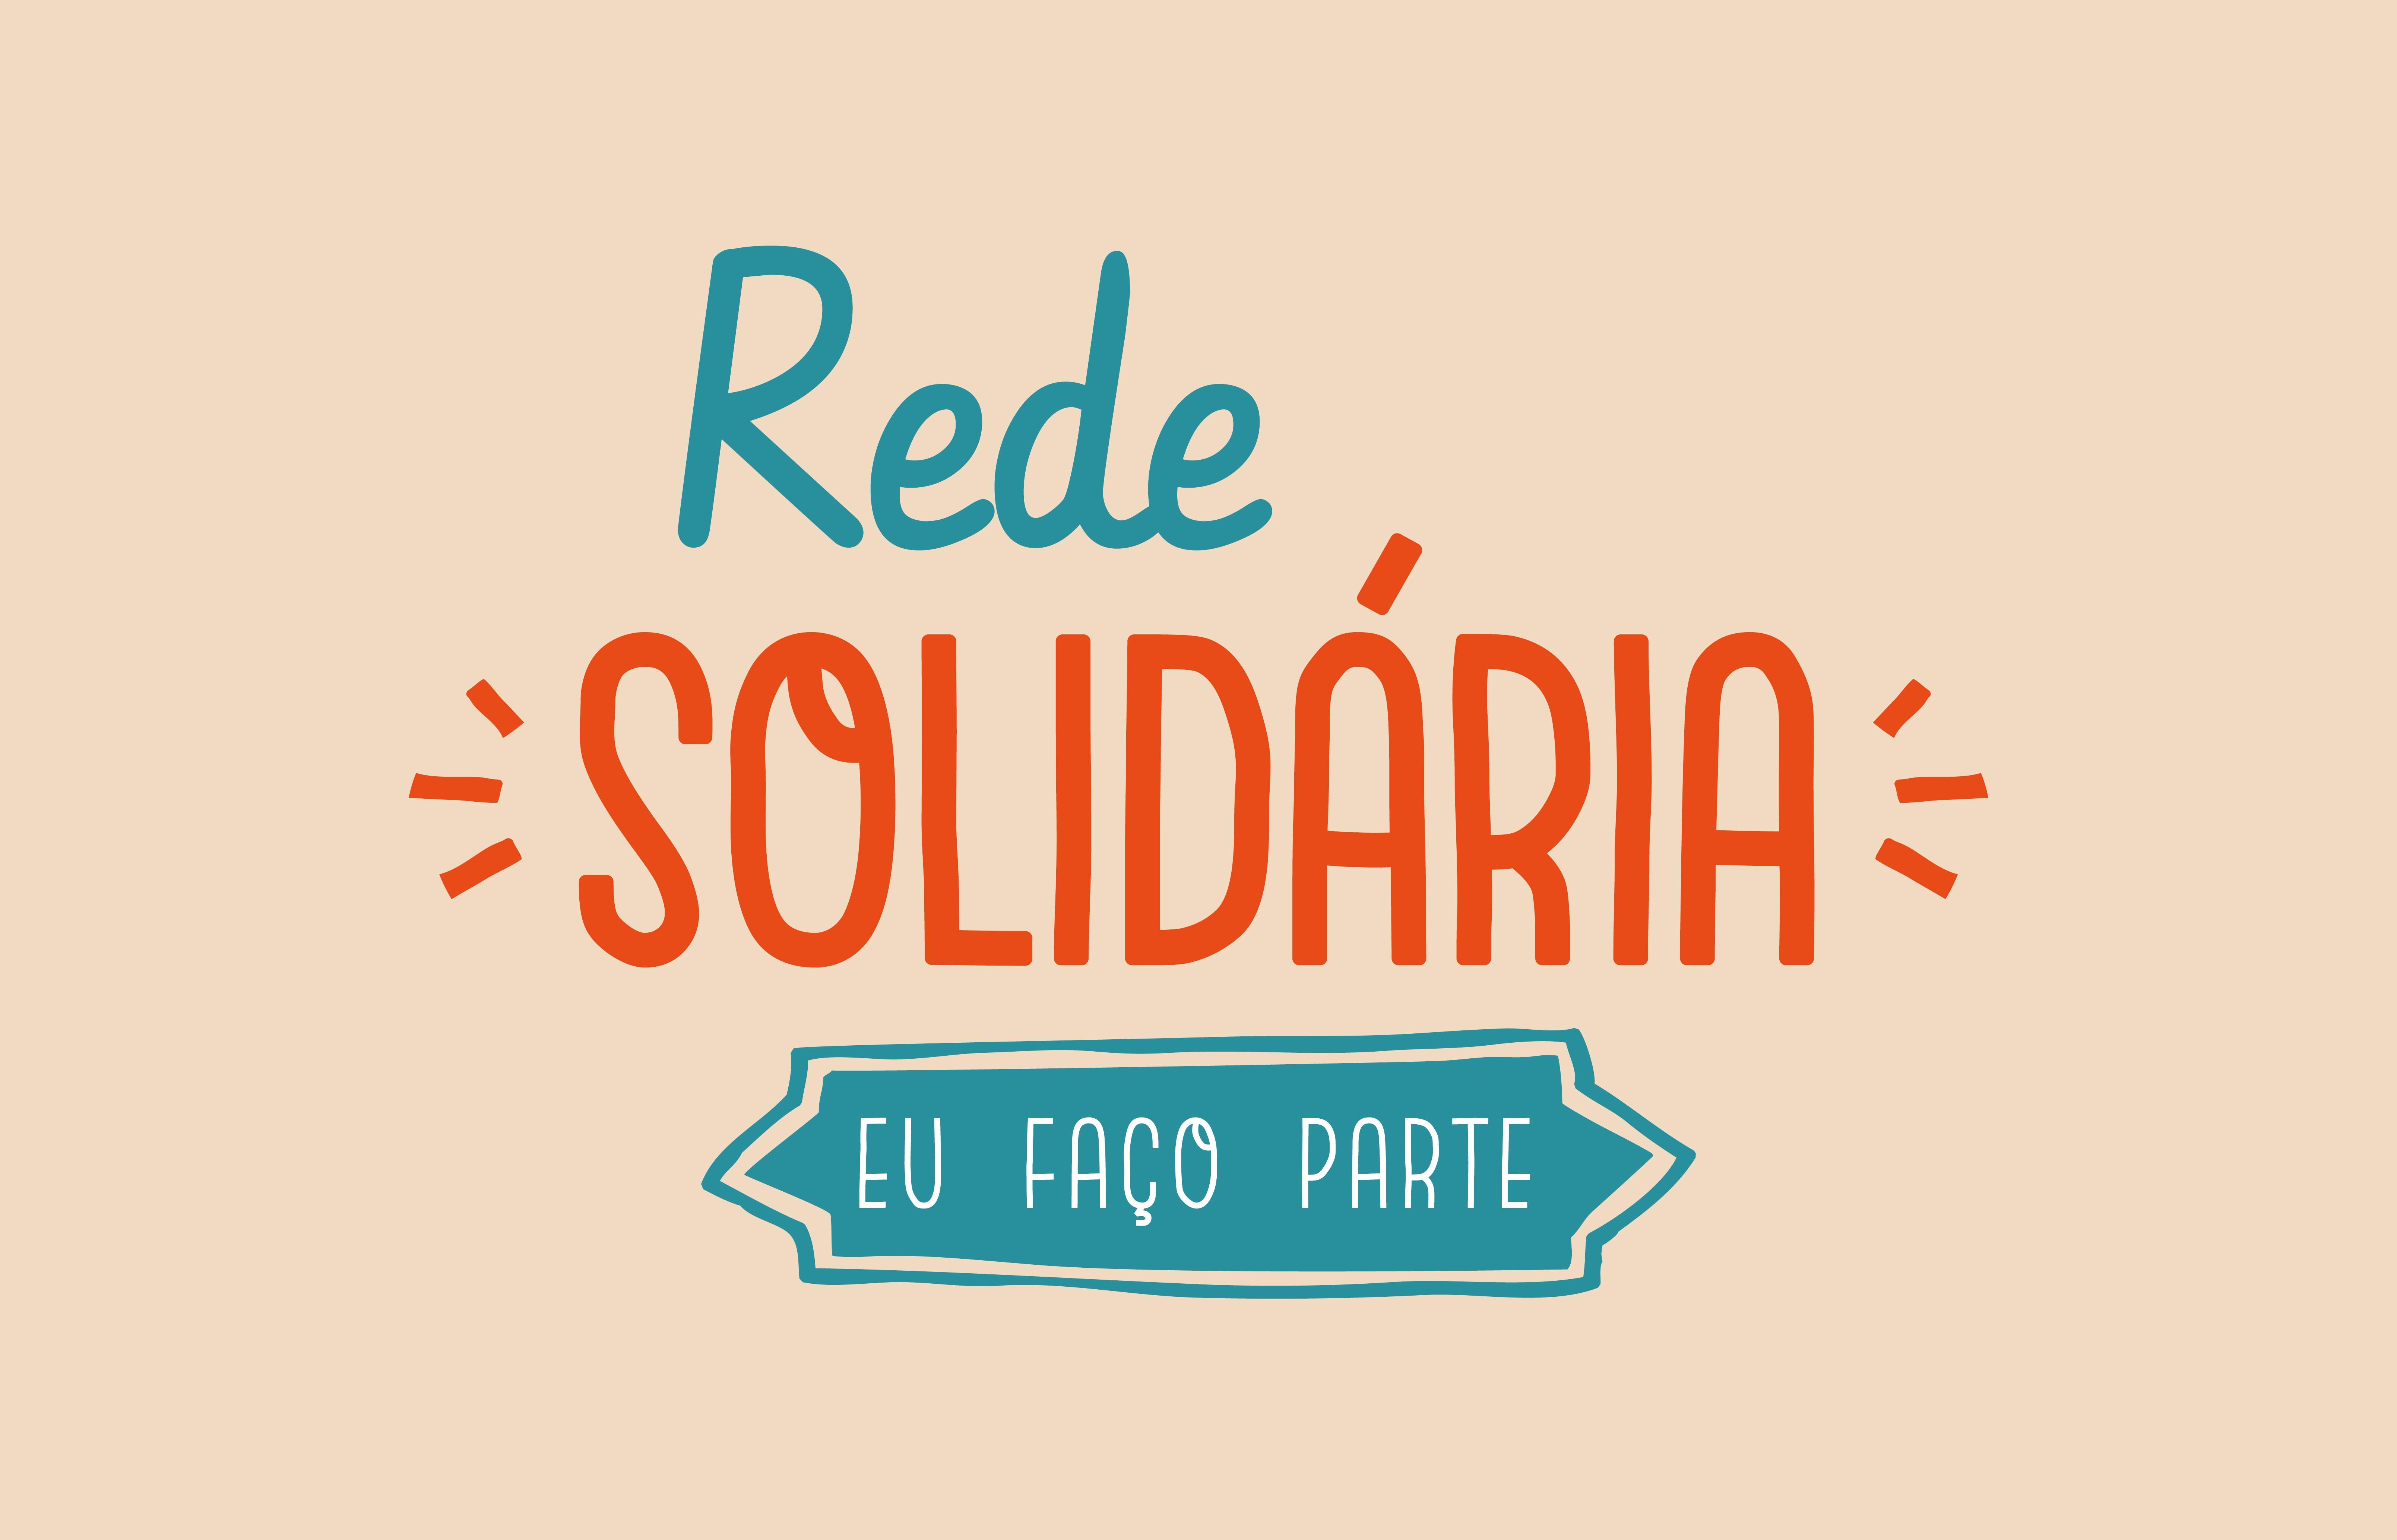 Campanha Rede Solidária - Faça Parte é lançada em Paracatu